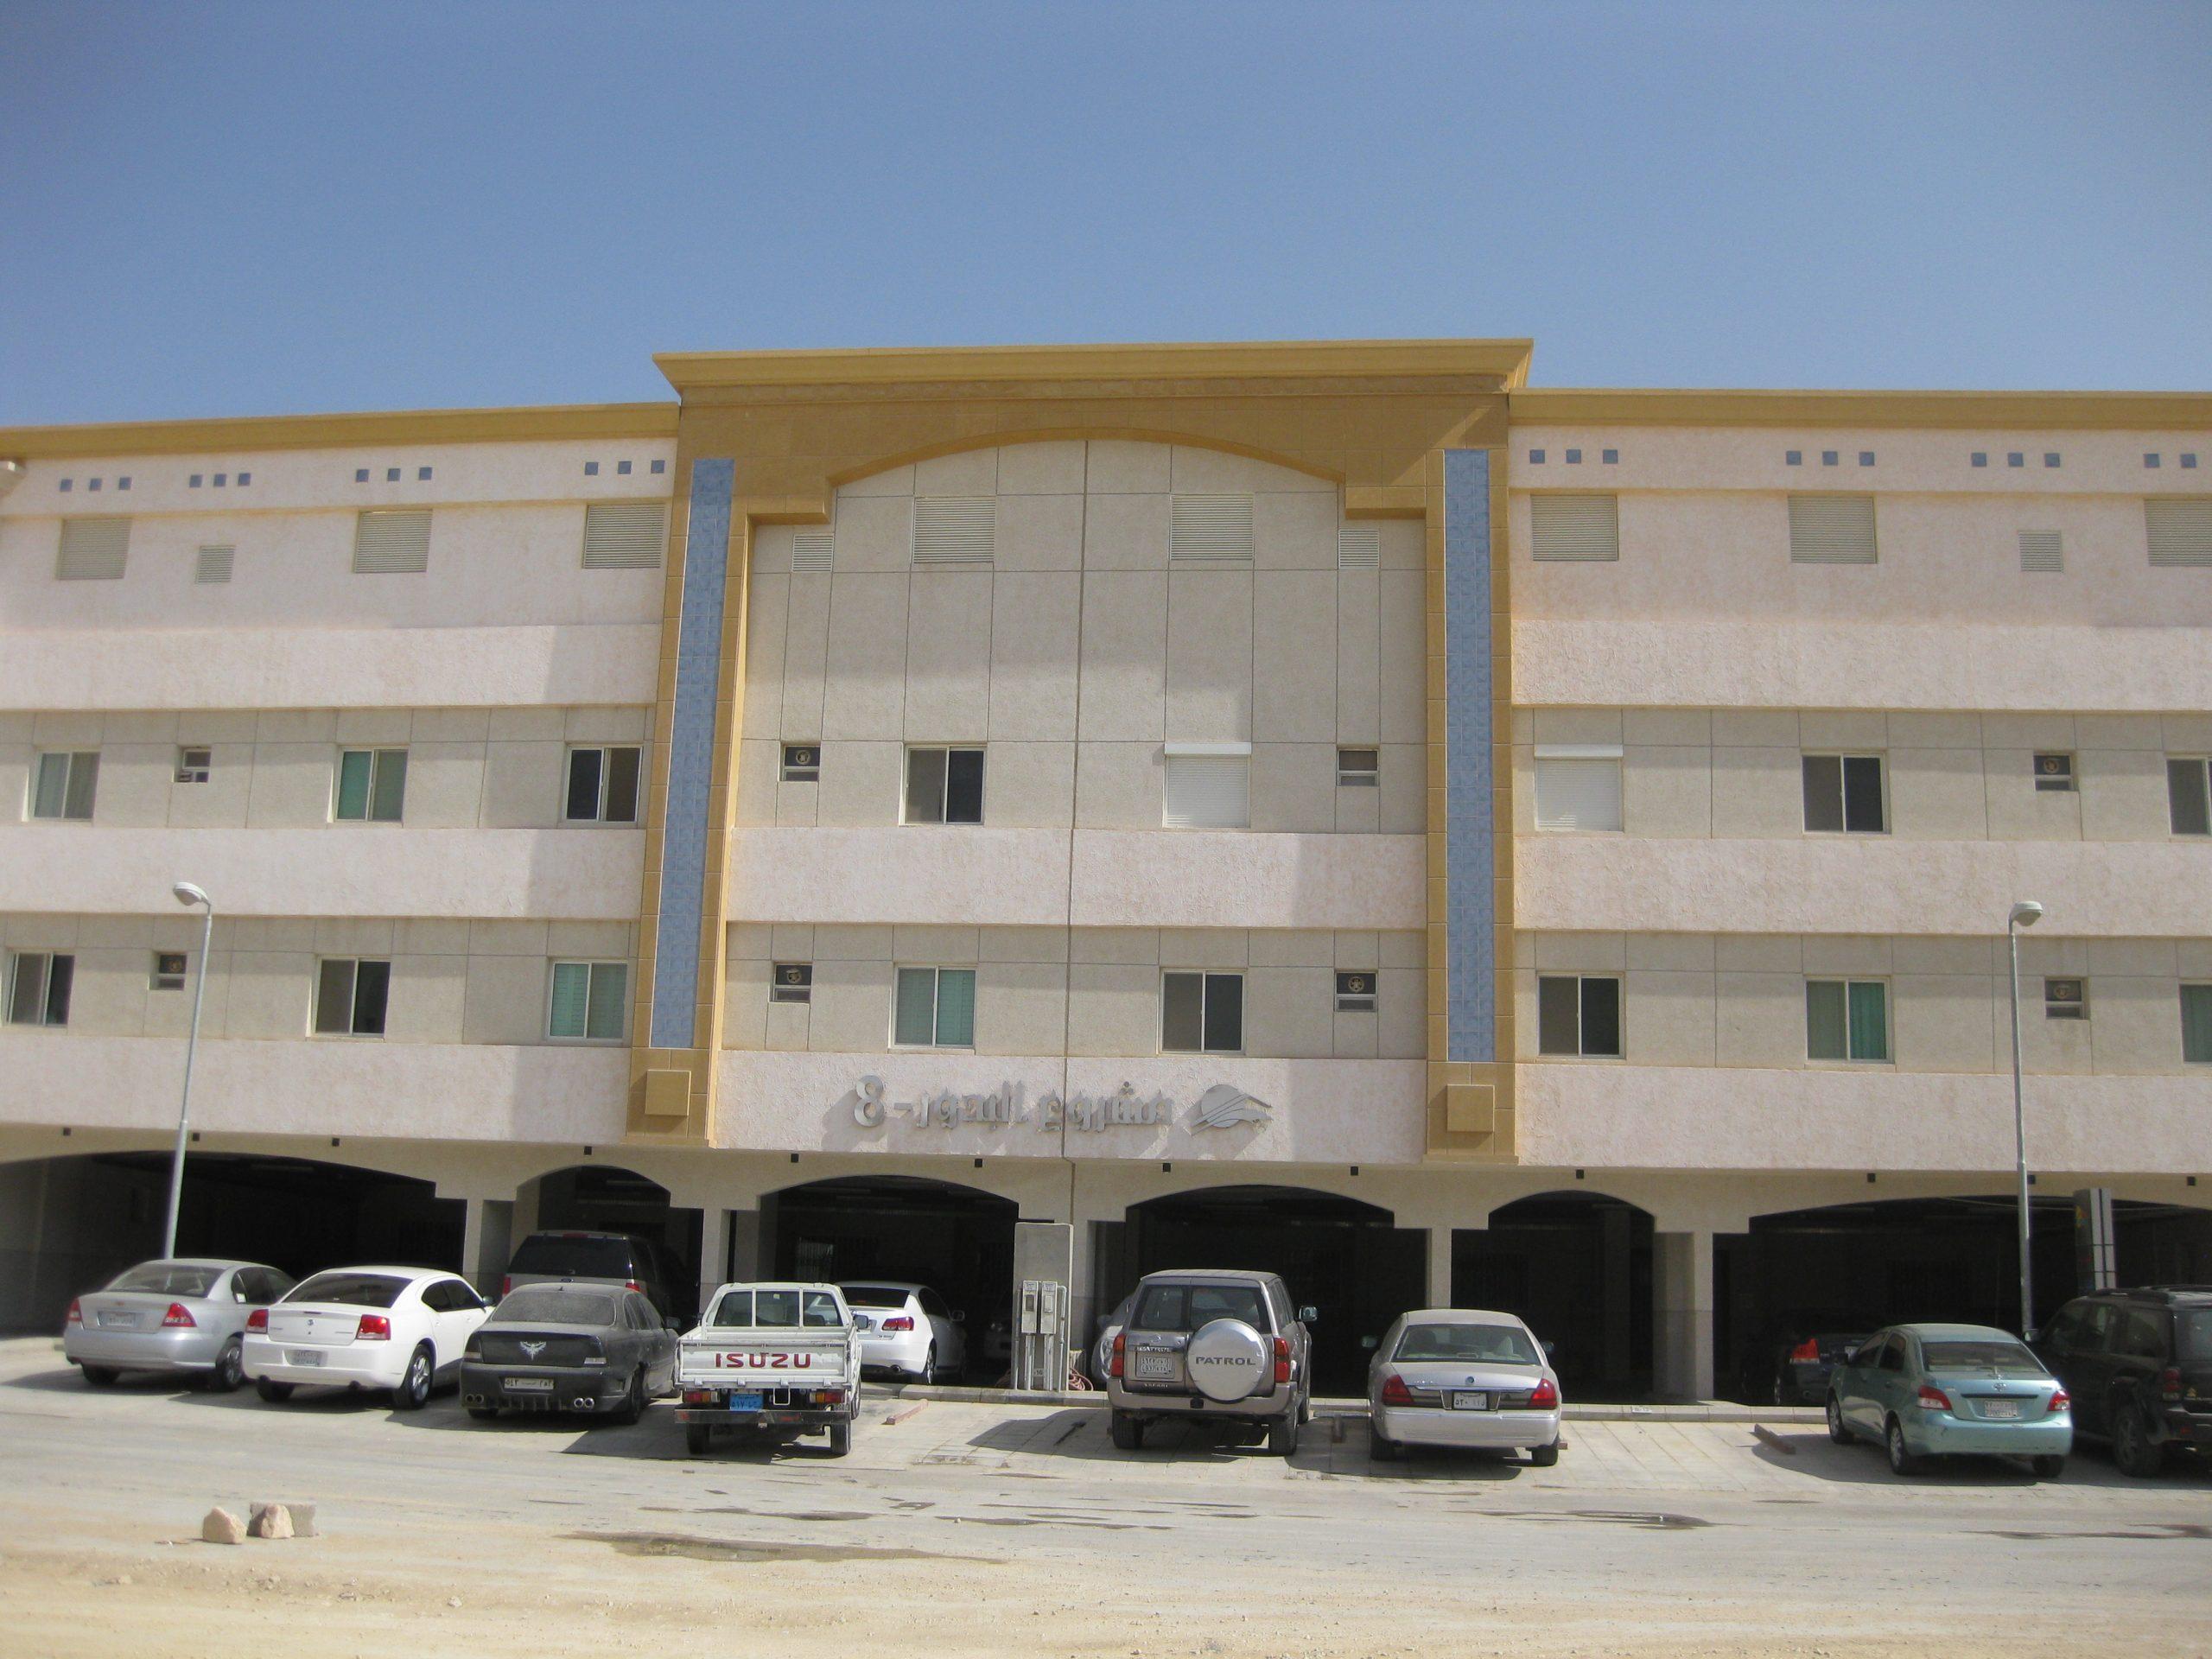 مشروع شقق البدور(8)الرياض